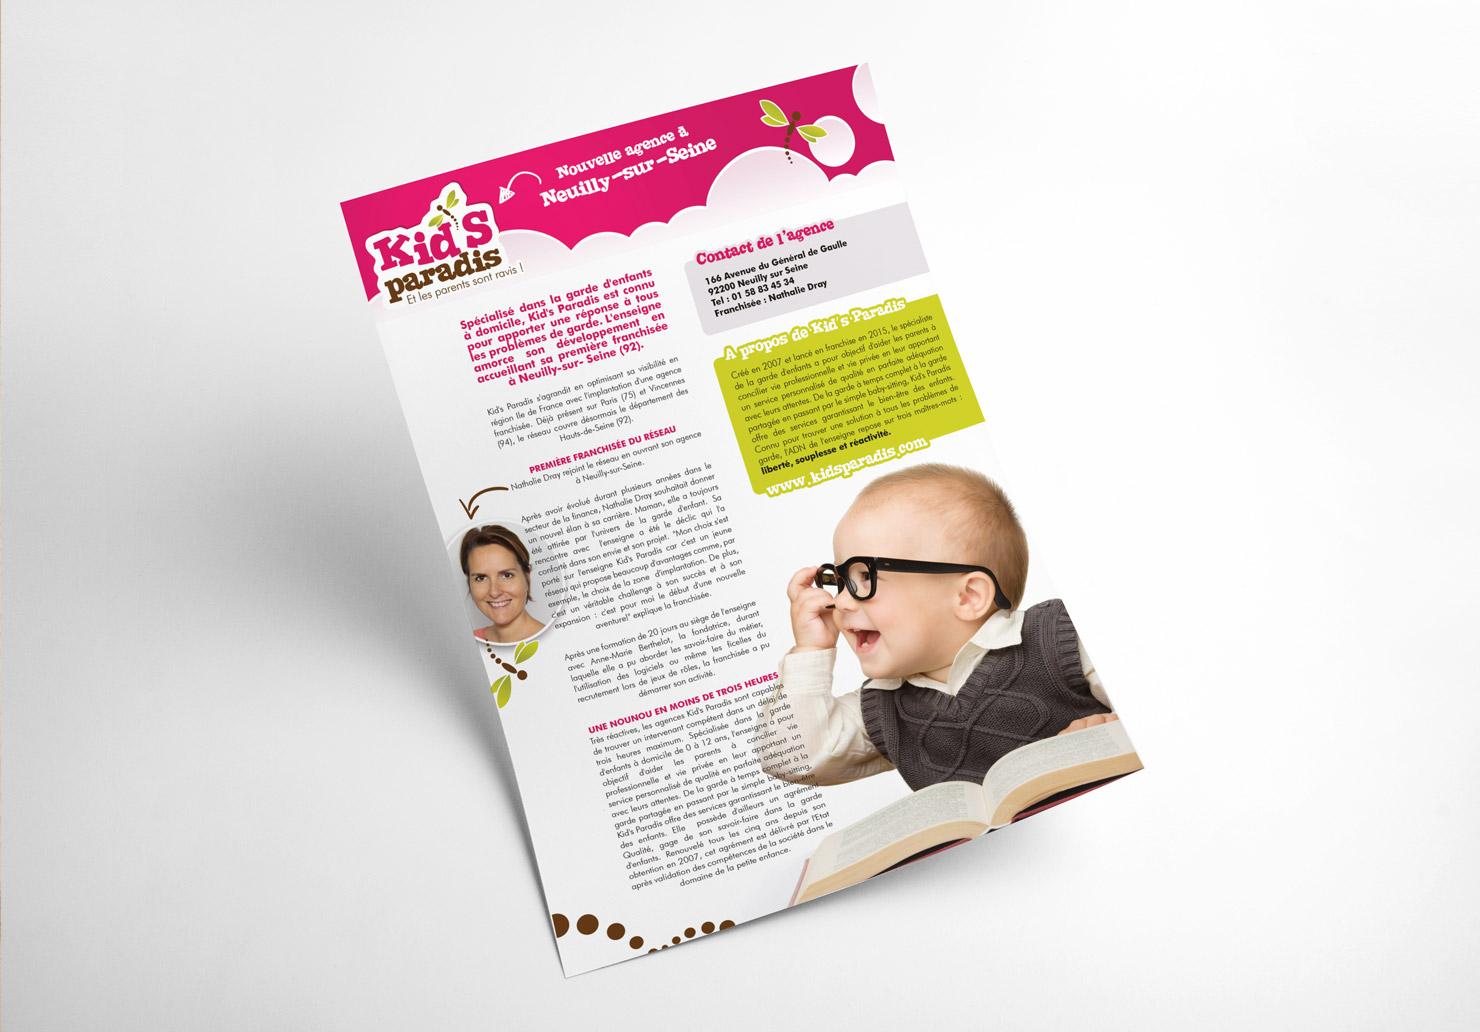 Communiqué de presse Kid's Paradis - Mise en place d'un communiqué de presse par Emilie Le Béhérec Prima, Graphiste freelance dans le domaine de l'enfance